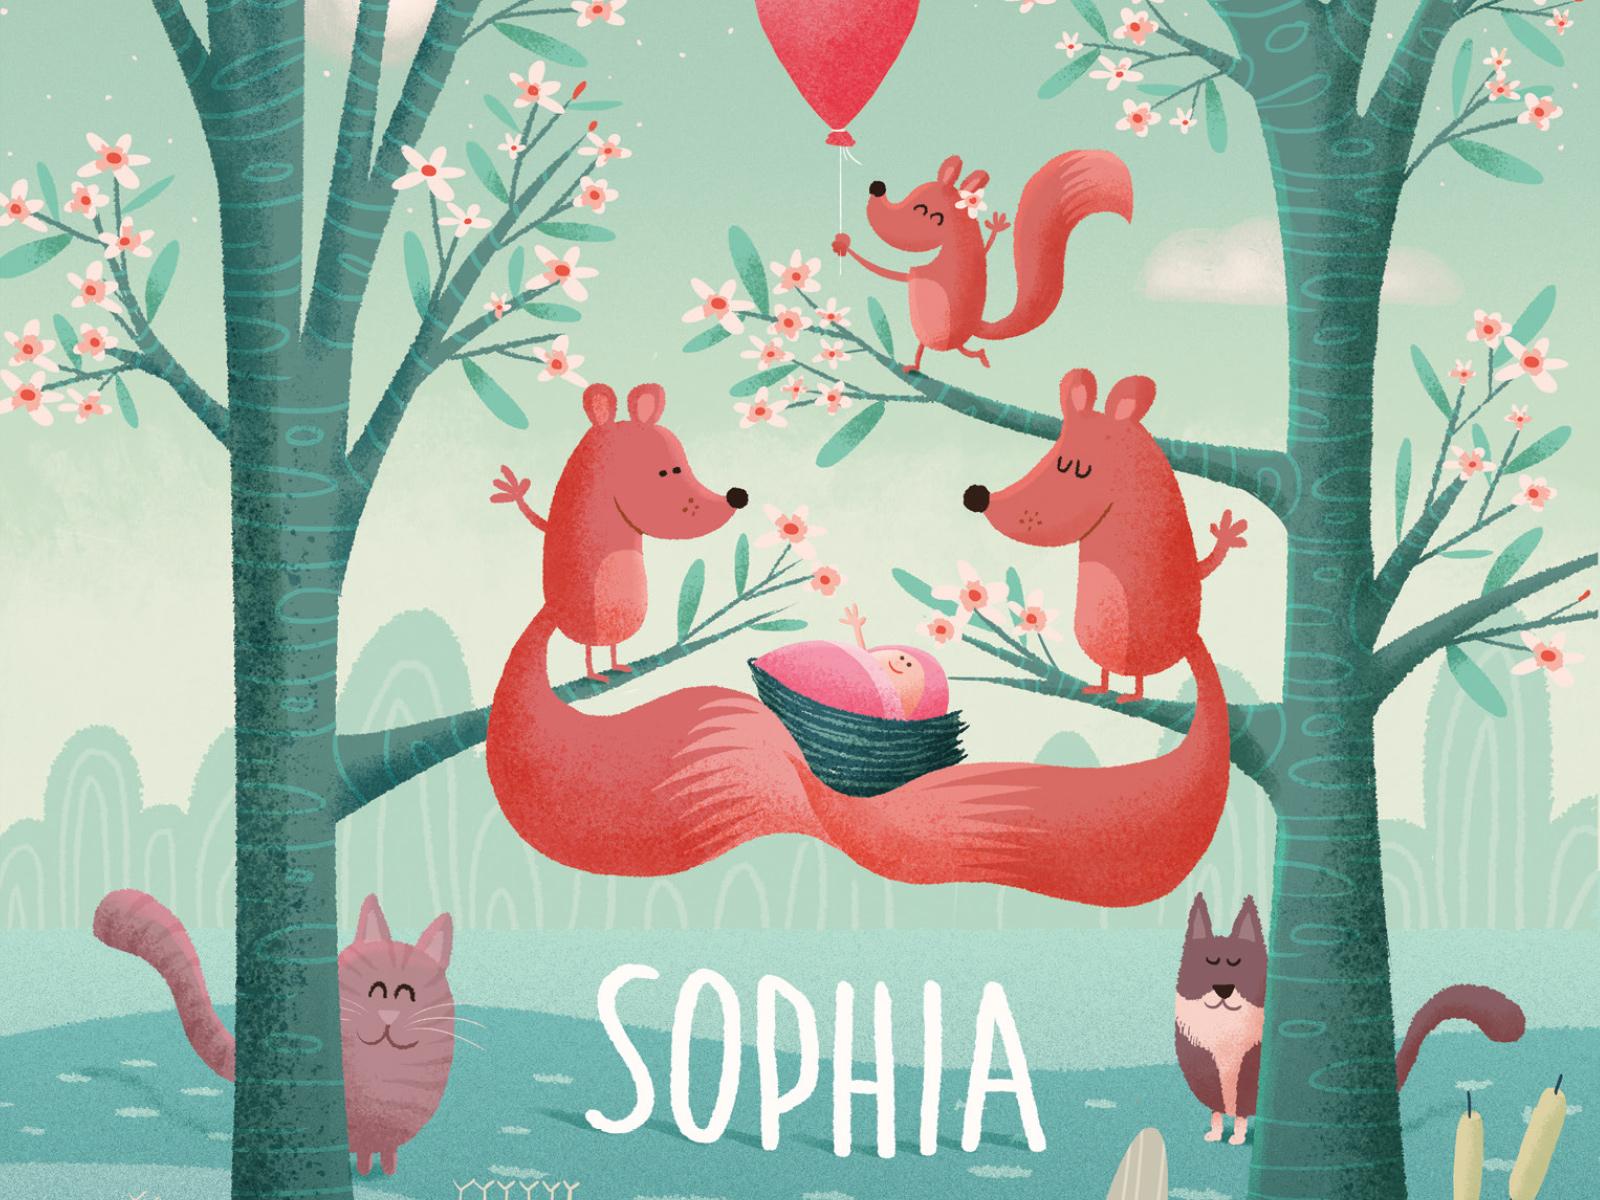 Sophia thumb